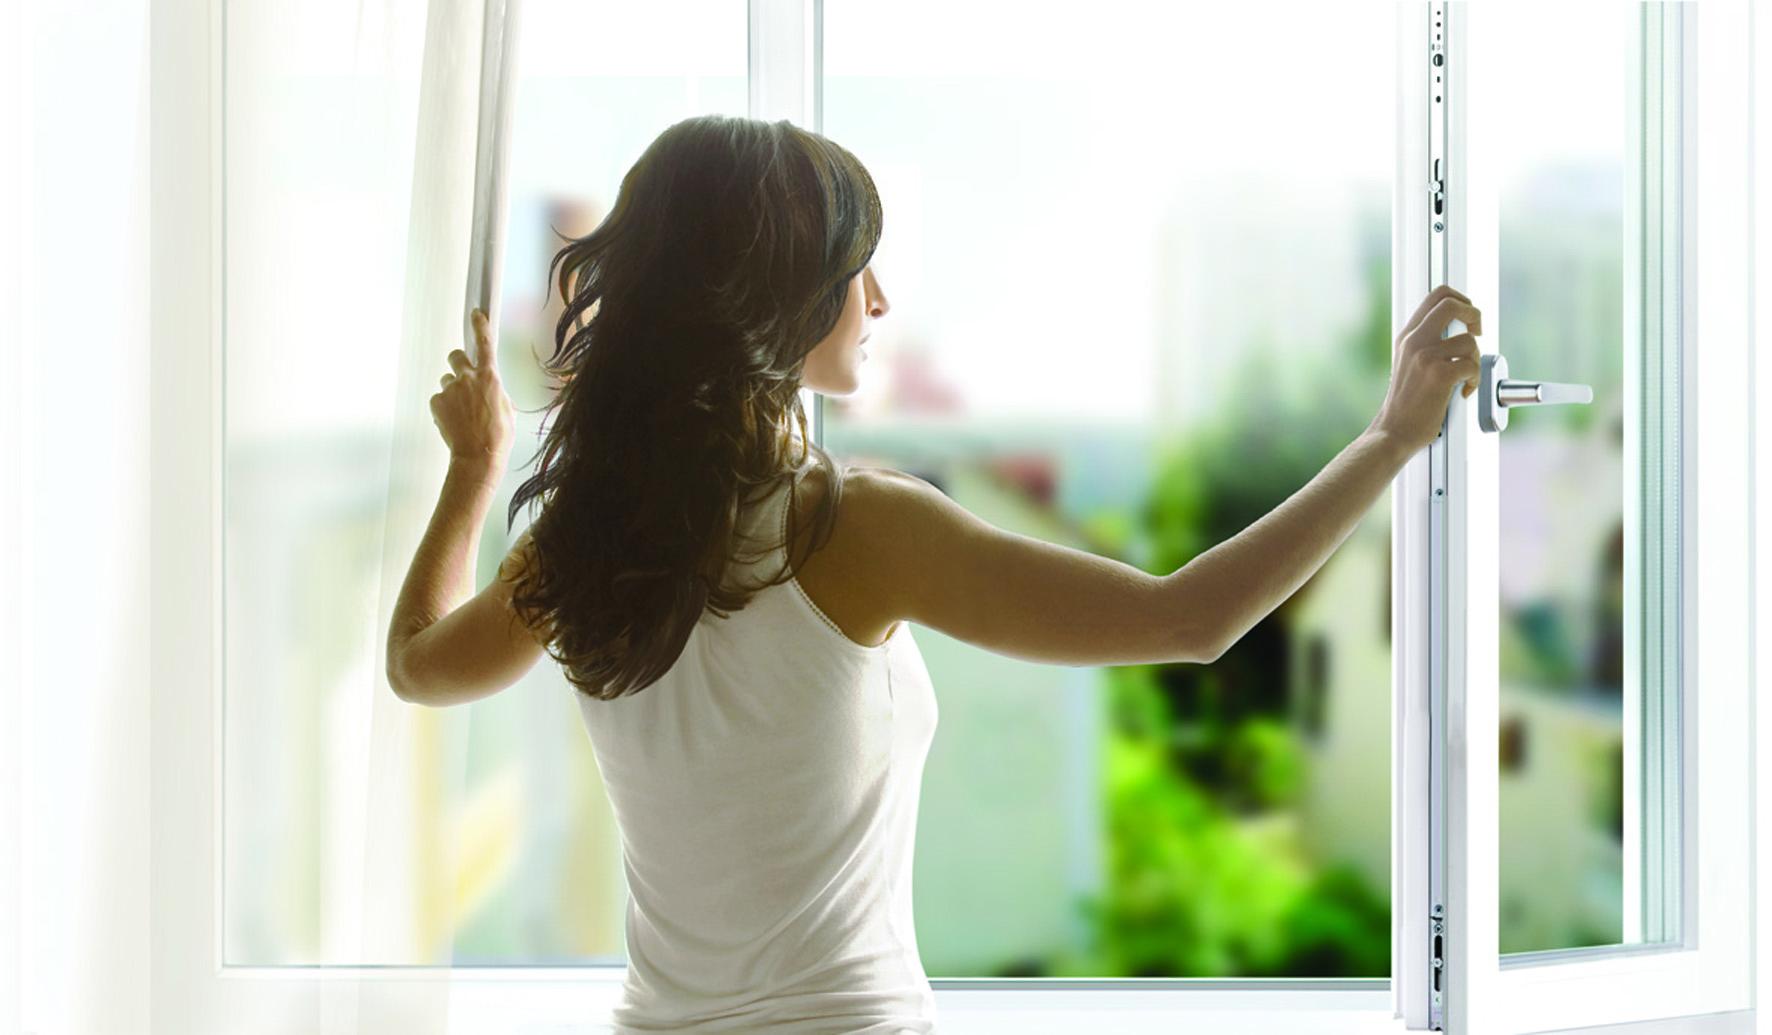 Фото девушек в окнах домов 15 фотография